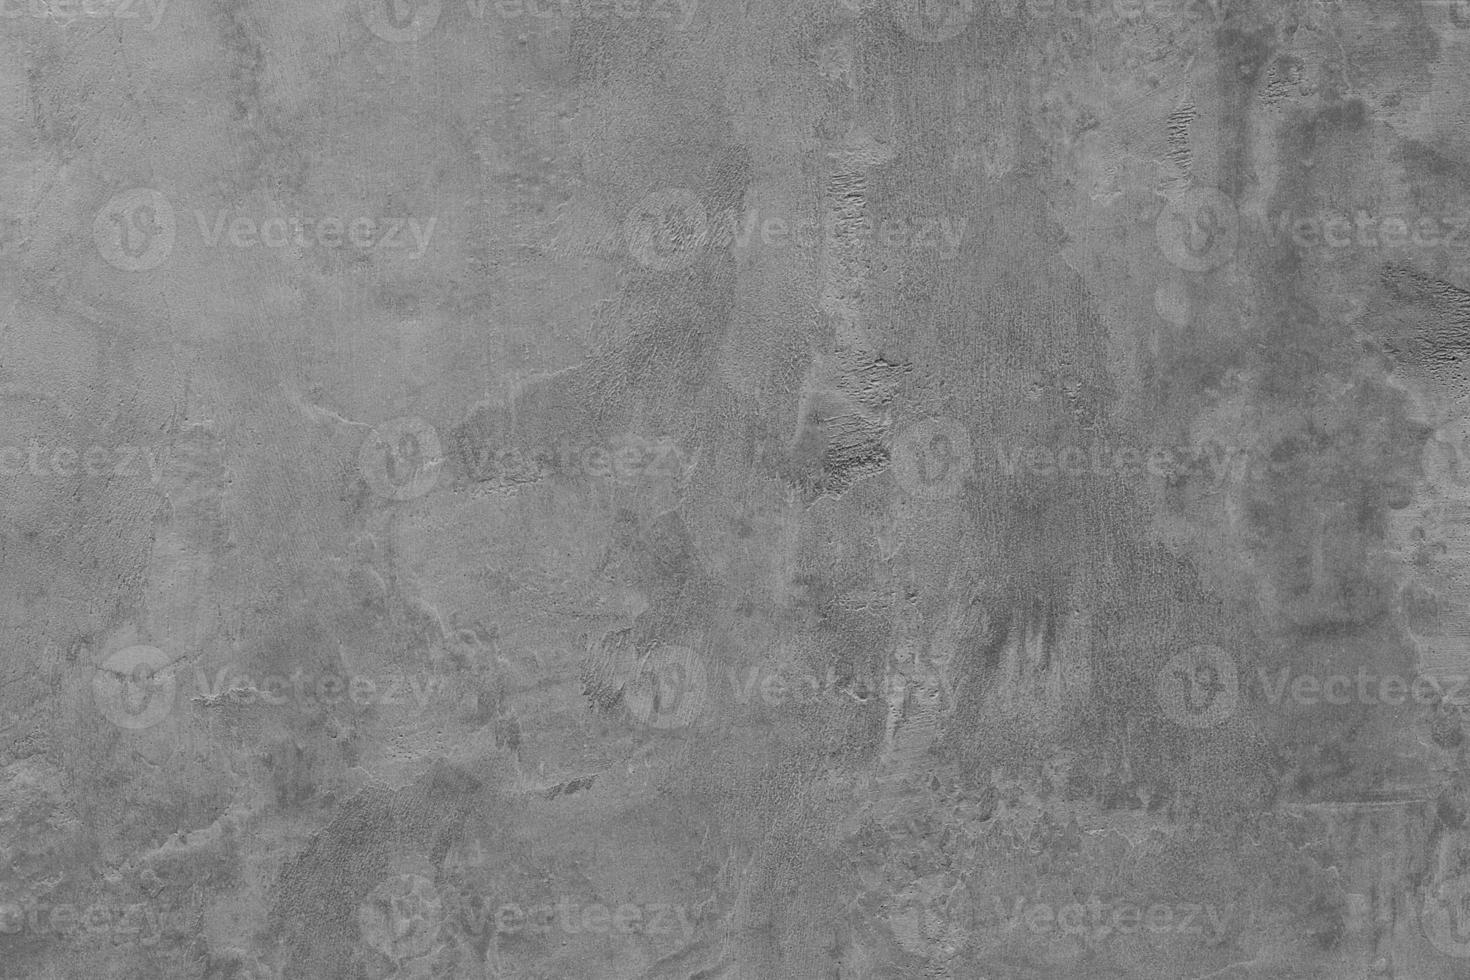 textura de cemento y hormigón para patrón foto